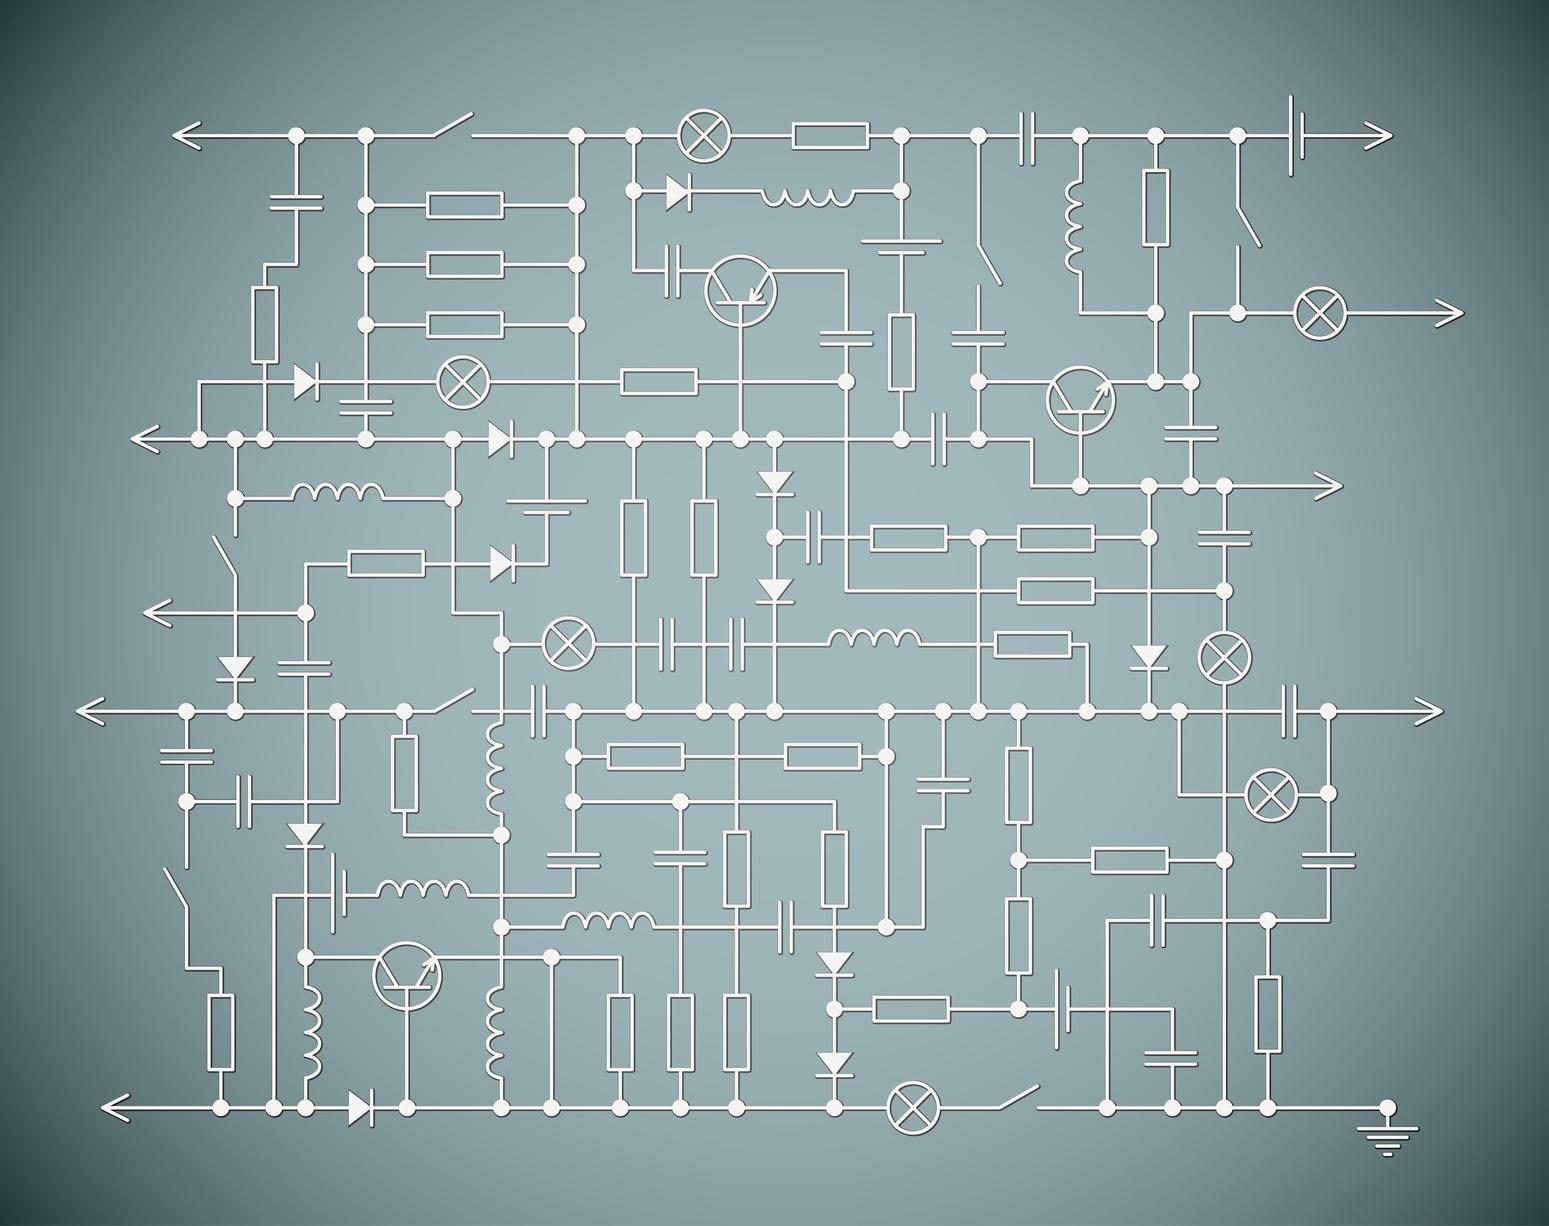 schéma électrique d'une maison